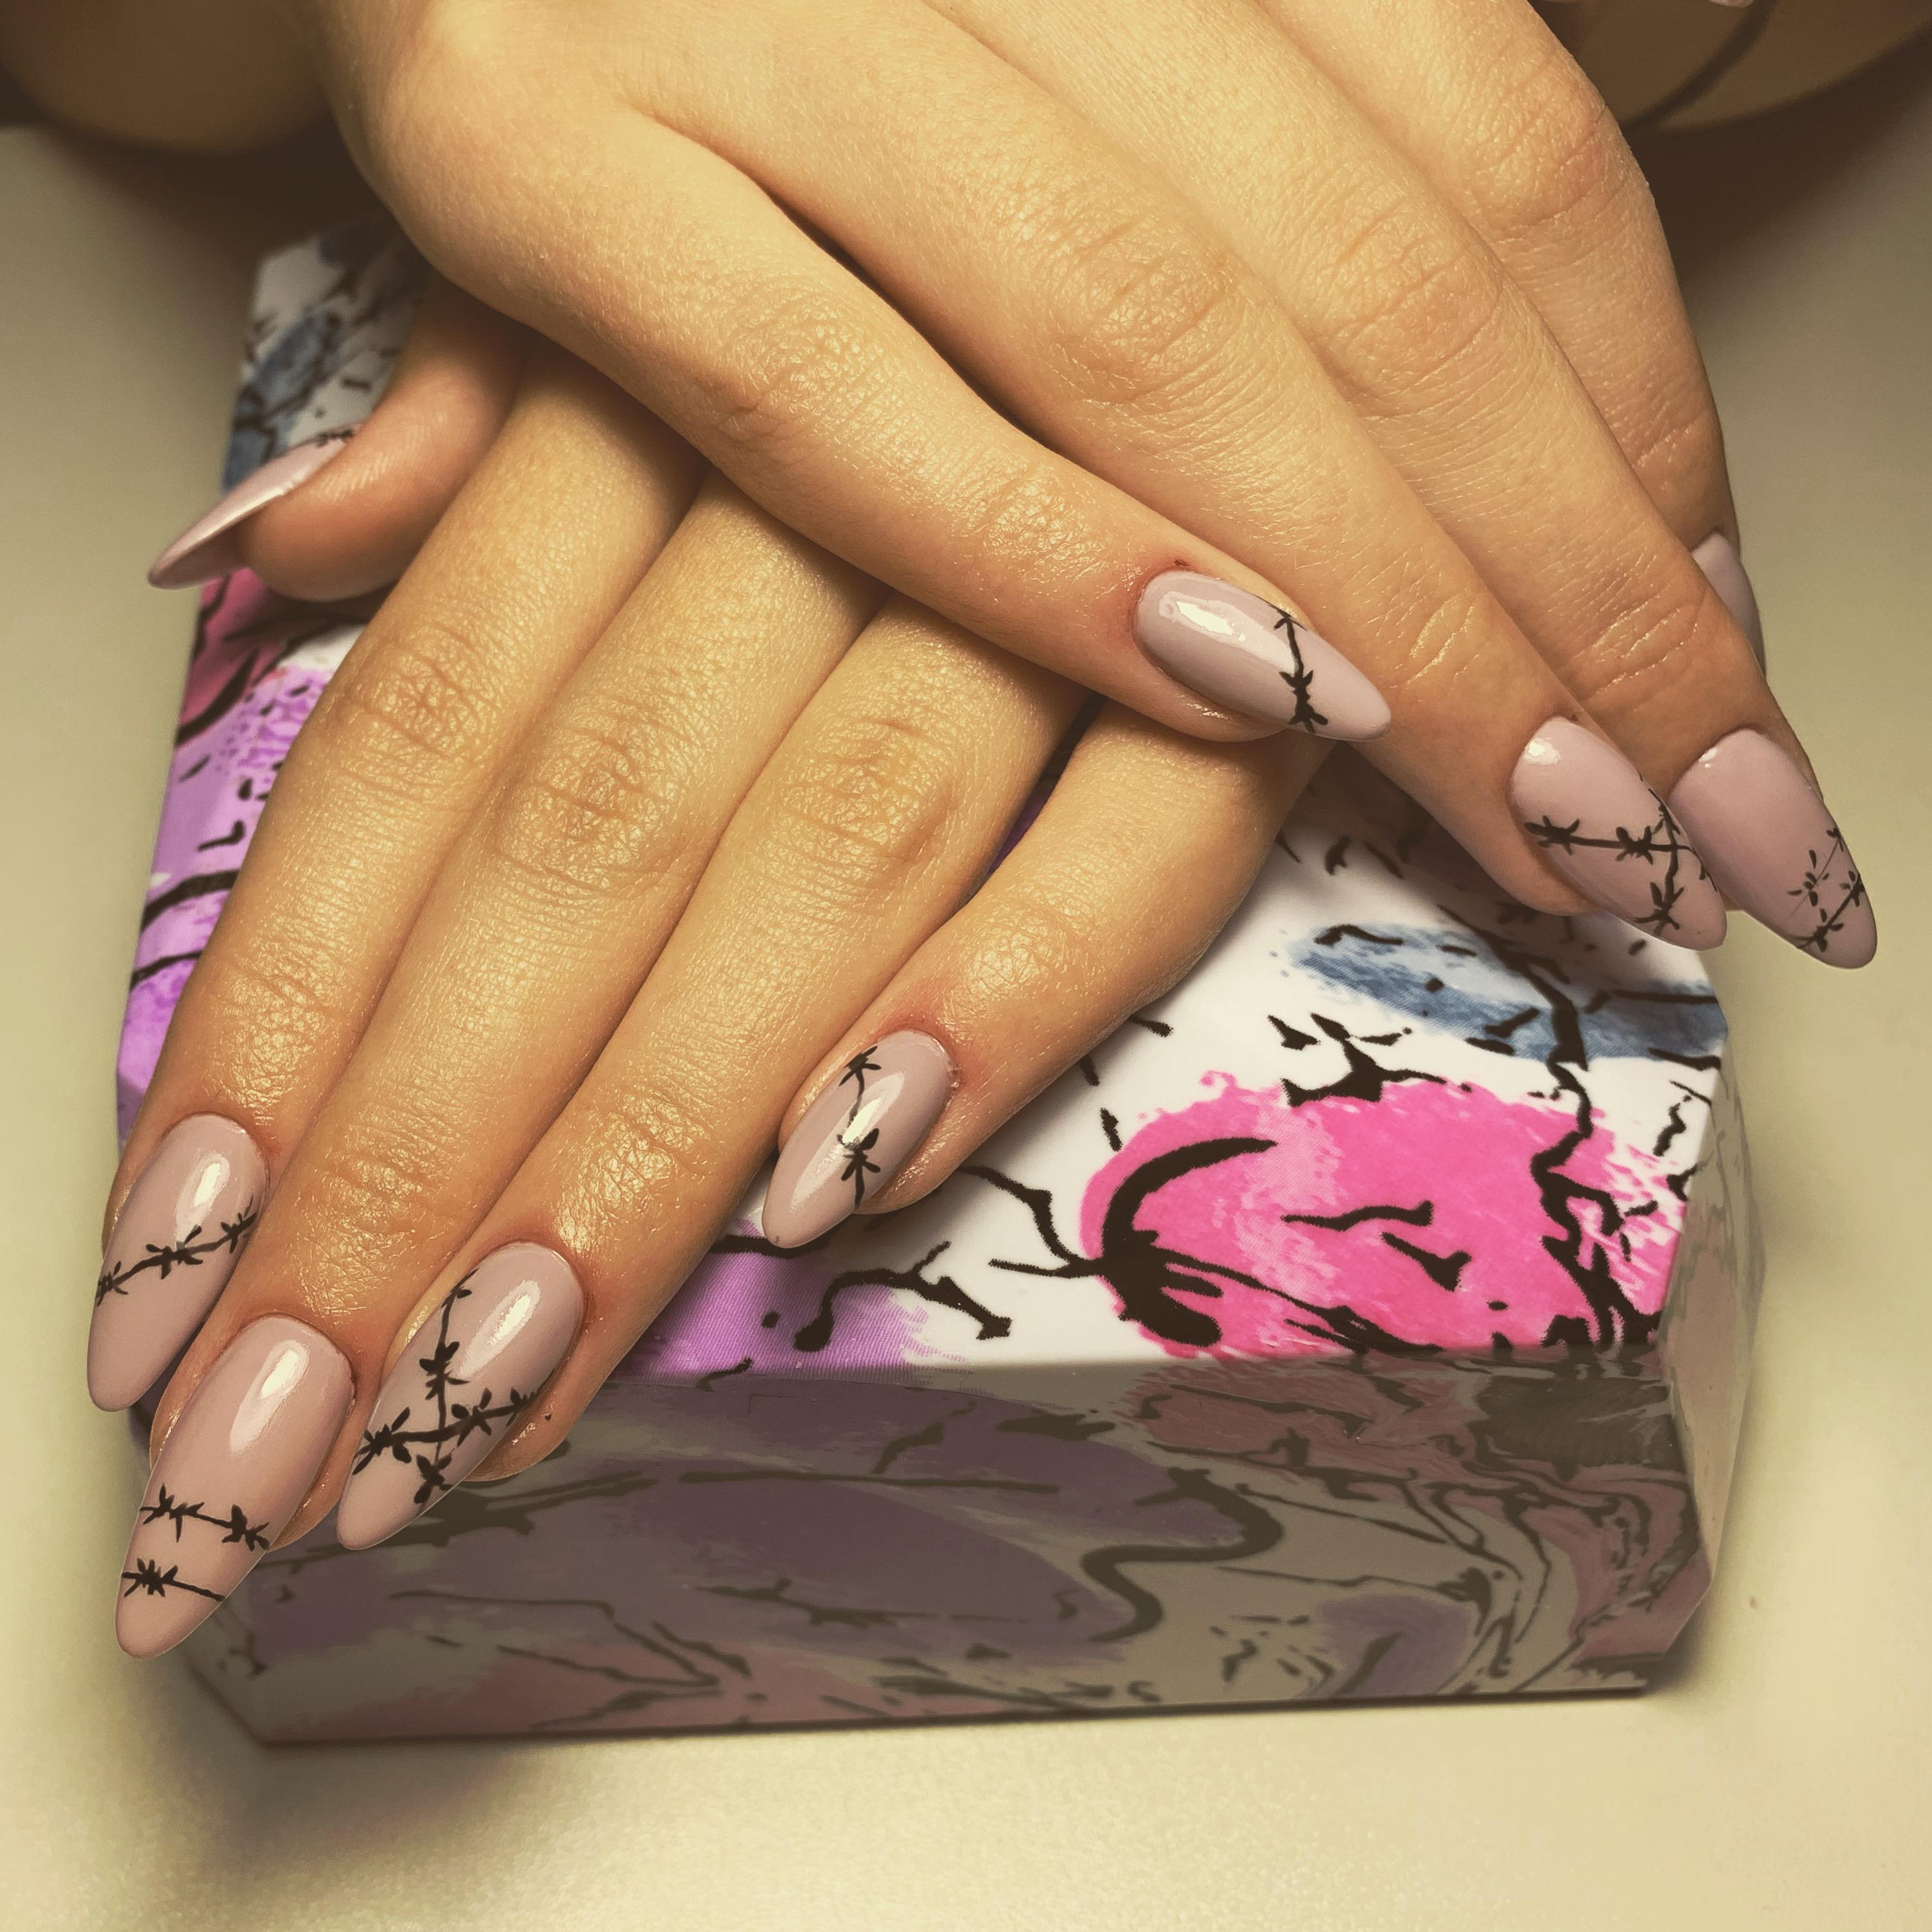 Маникюр с рисунком в пастельных тонах на длинные ногти.